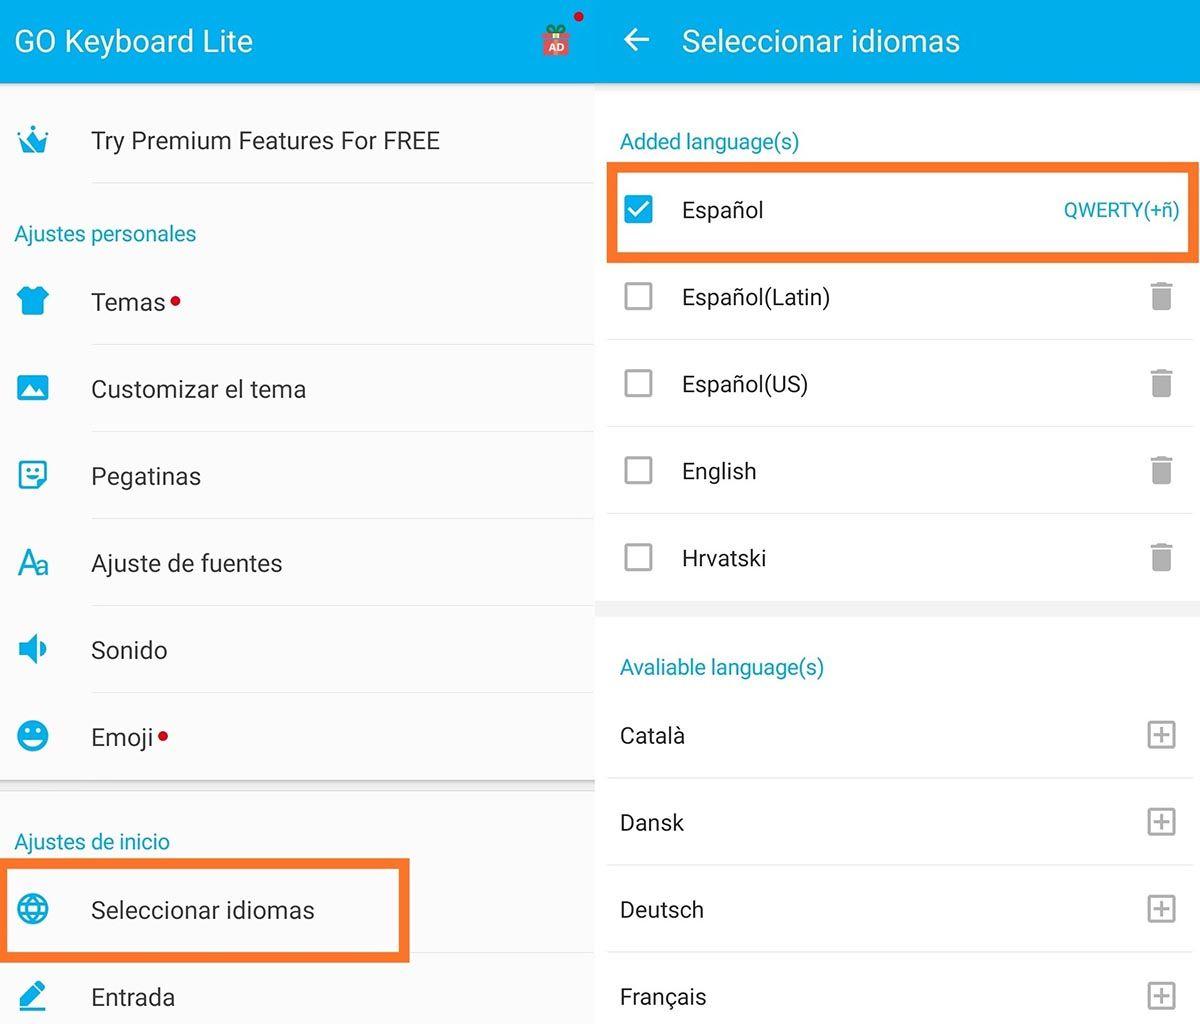 Cambiar el idioma en GO Teclado Lite